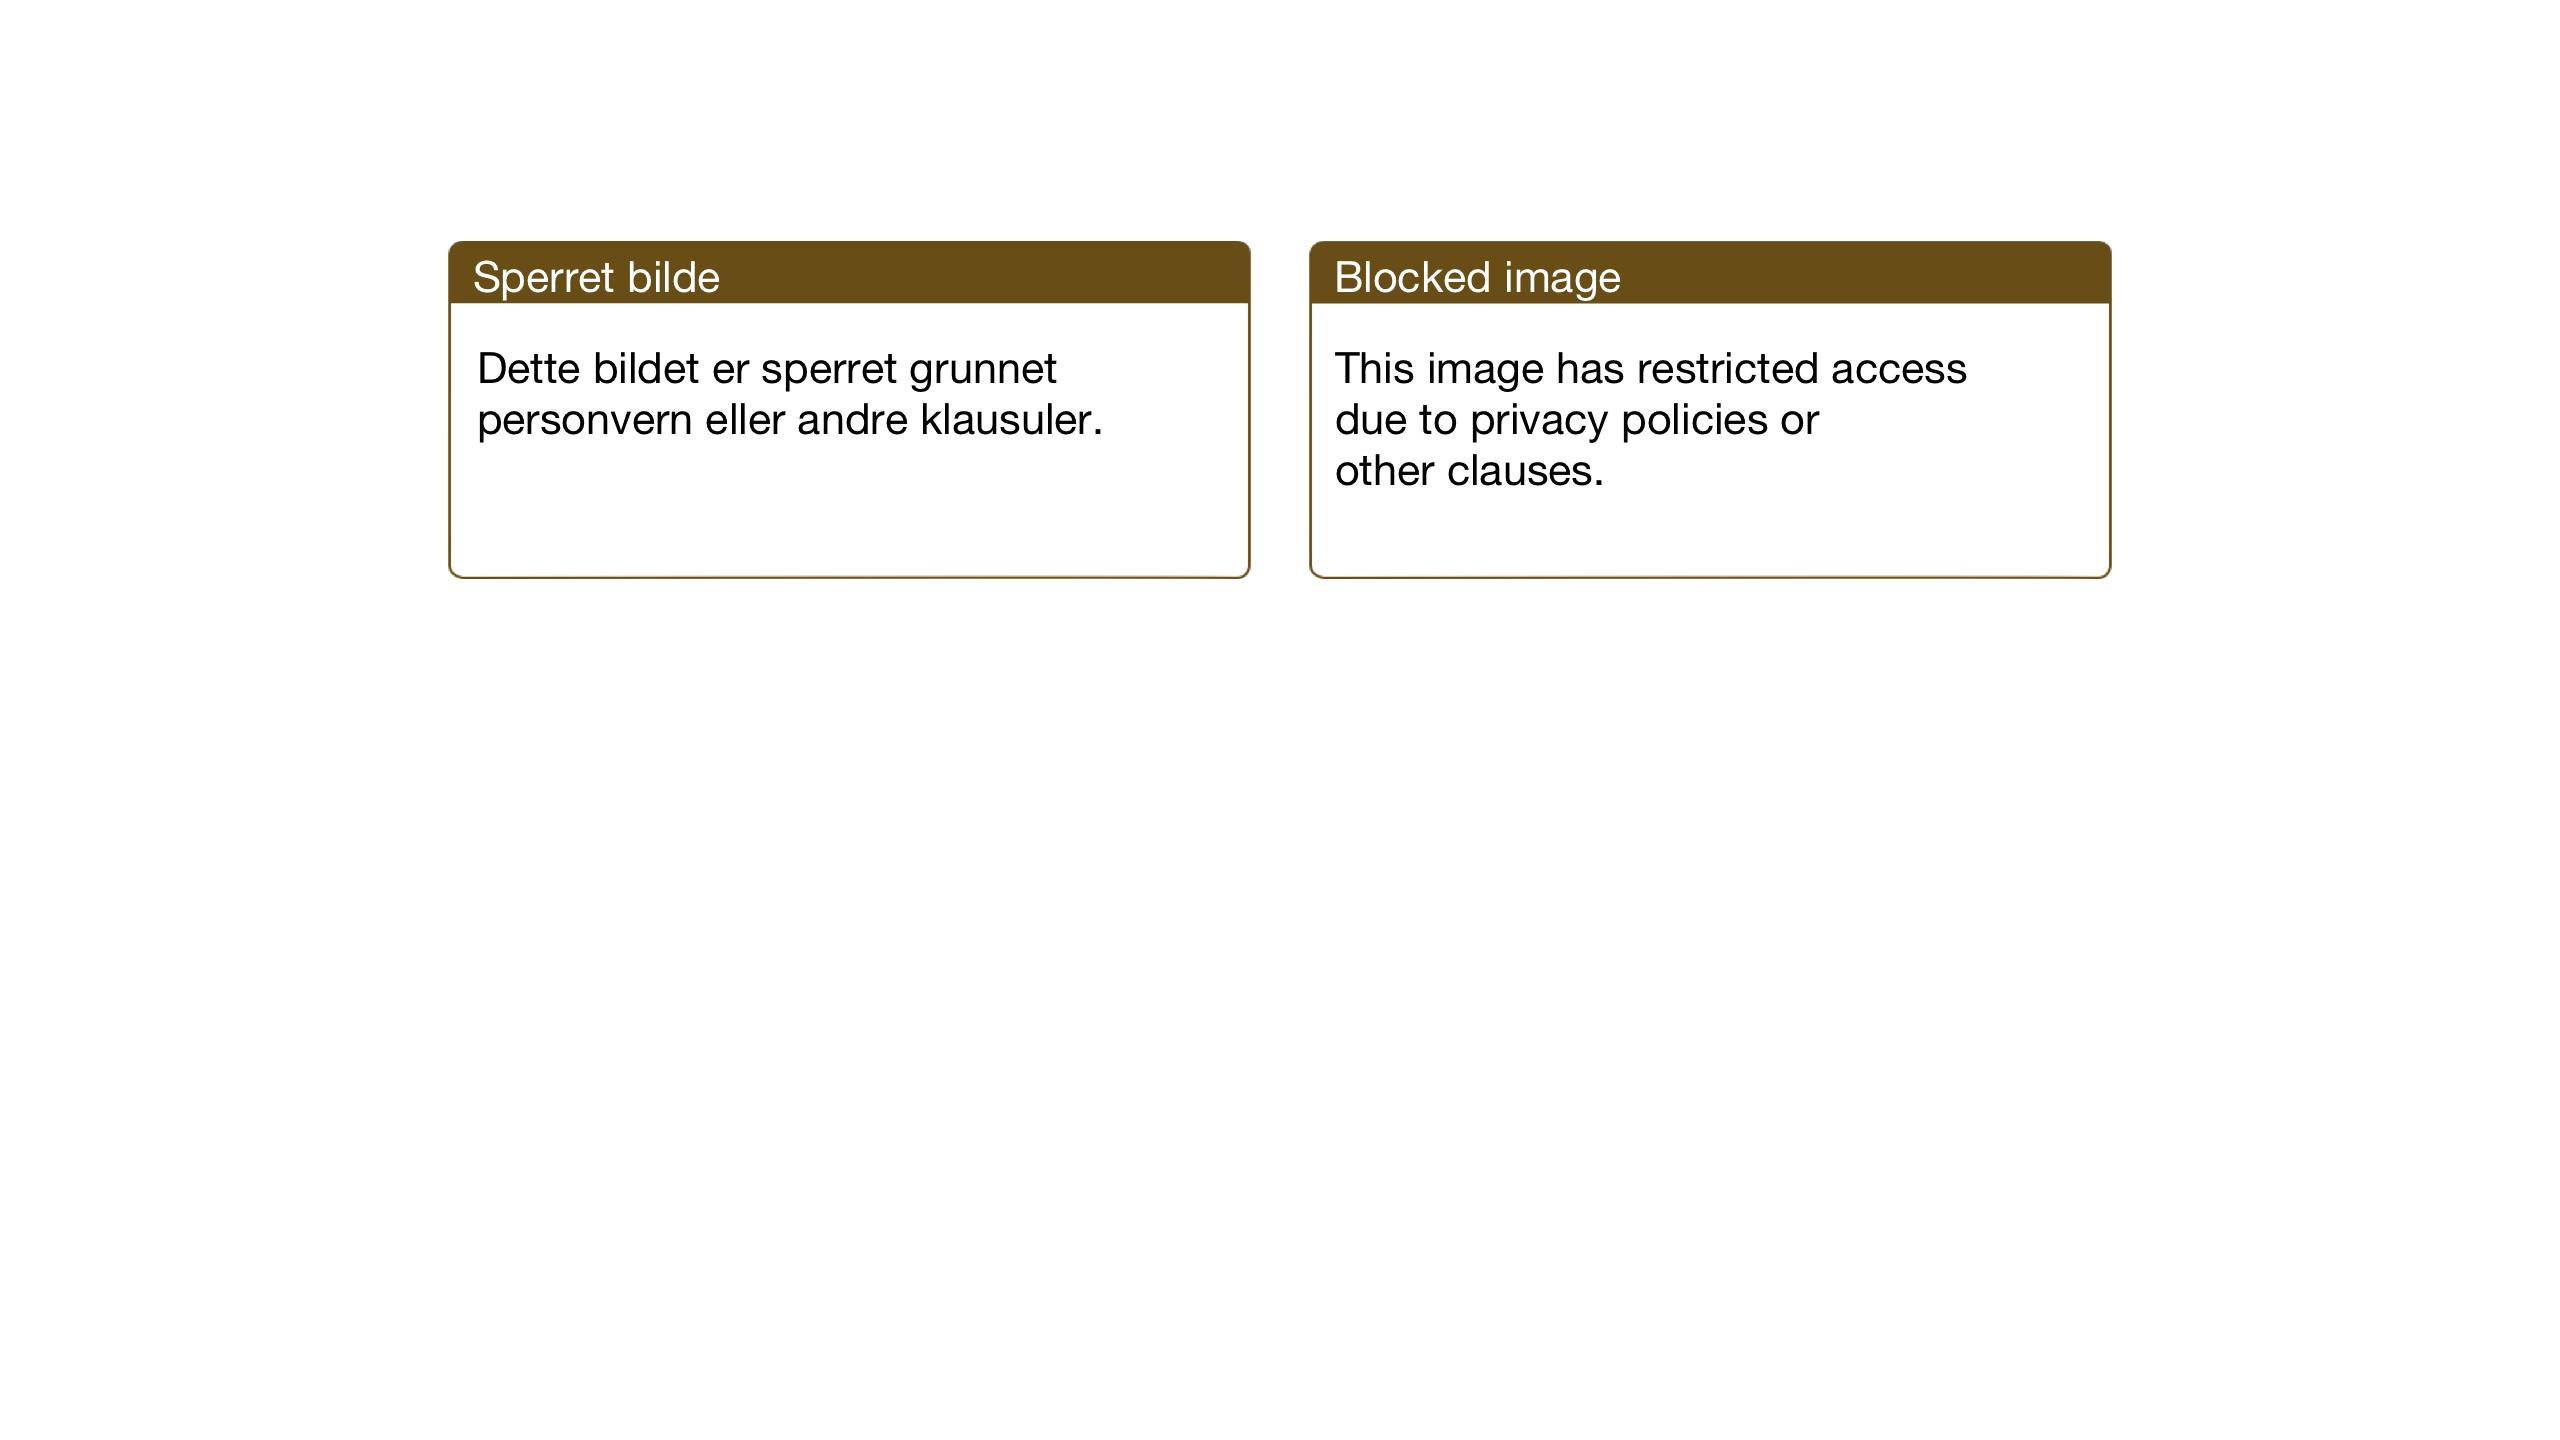 SAT, Ministerialprotokoller, klokkerbøker og fødselsregistre - Sør-Trøndelag, 606/L0315: Klokkerbok nr. 606C11, 1938-1947, s. 19